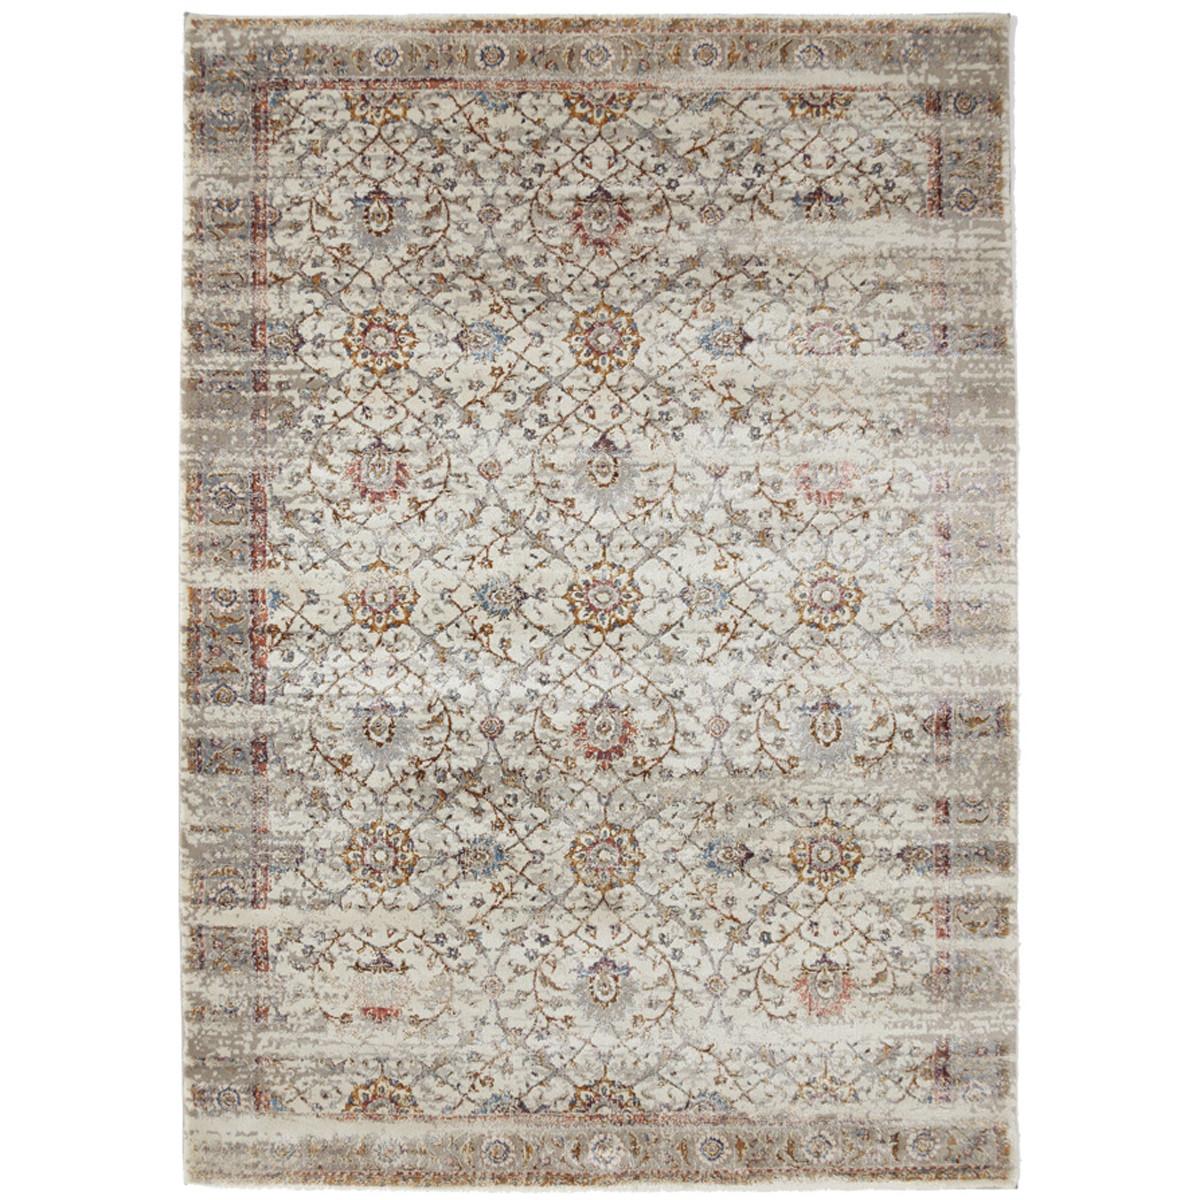 Χαλιά Κρεβατοκάμαρας (Σετ 3τμχ) Royal Carpets Fortune 501J